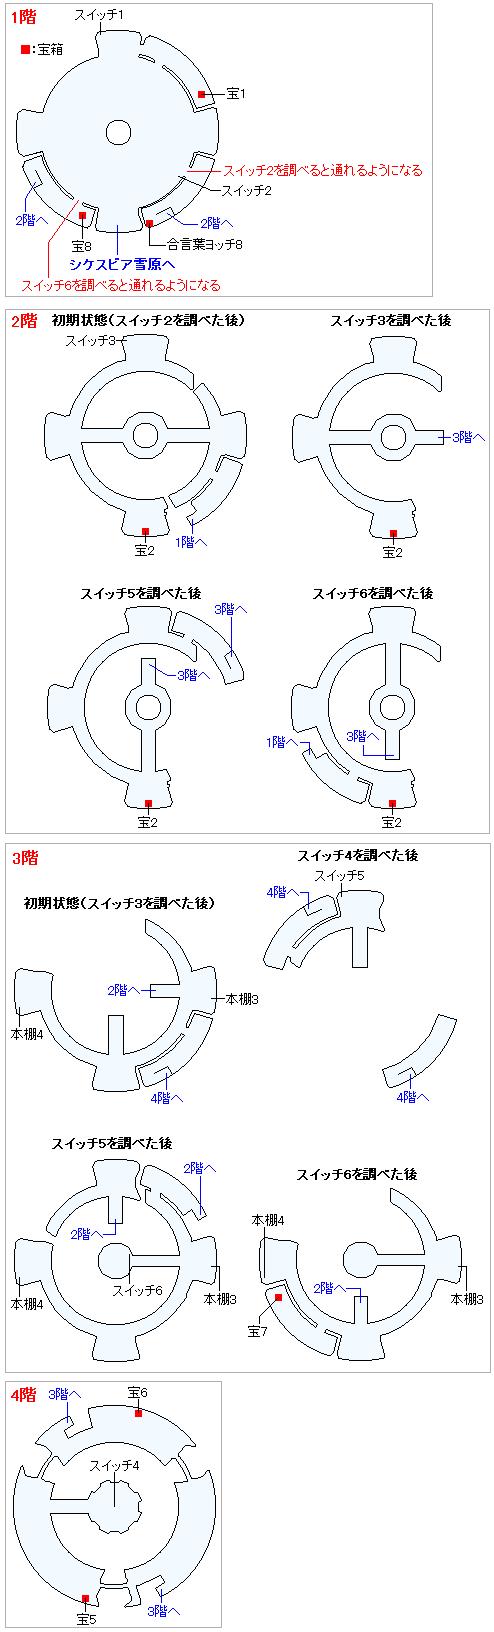 古代図書館(Switch3DとPS4)のマップ画像